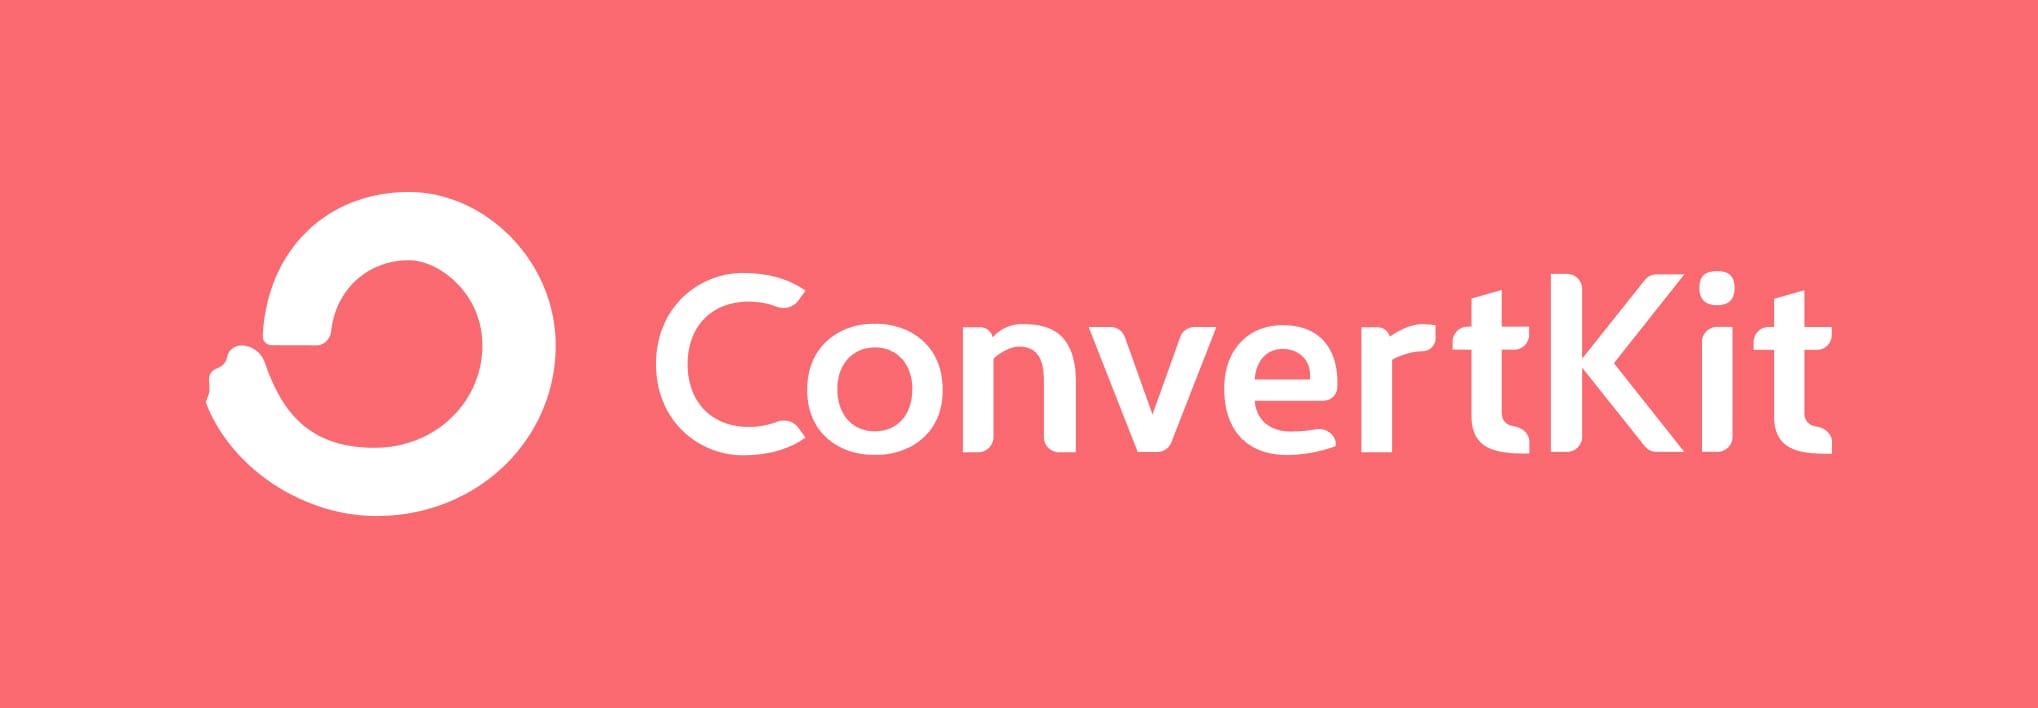 Convertkit met korting - affiliate